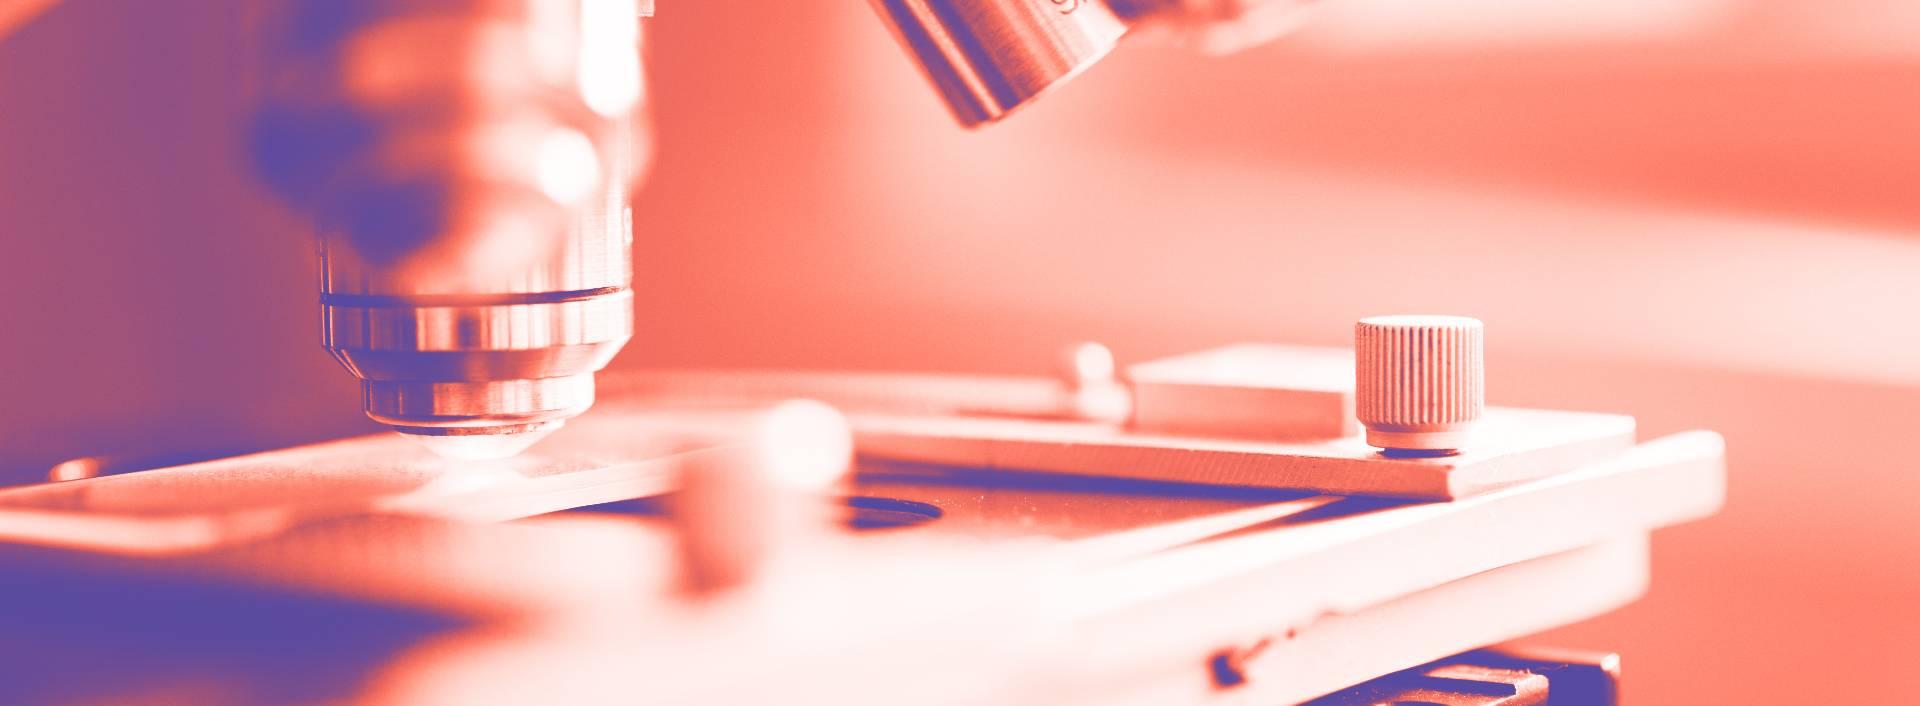 Quiero estudiar un curso técnico de Laboratorio - Laboratorio Clínico